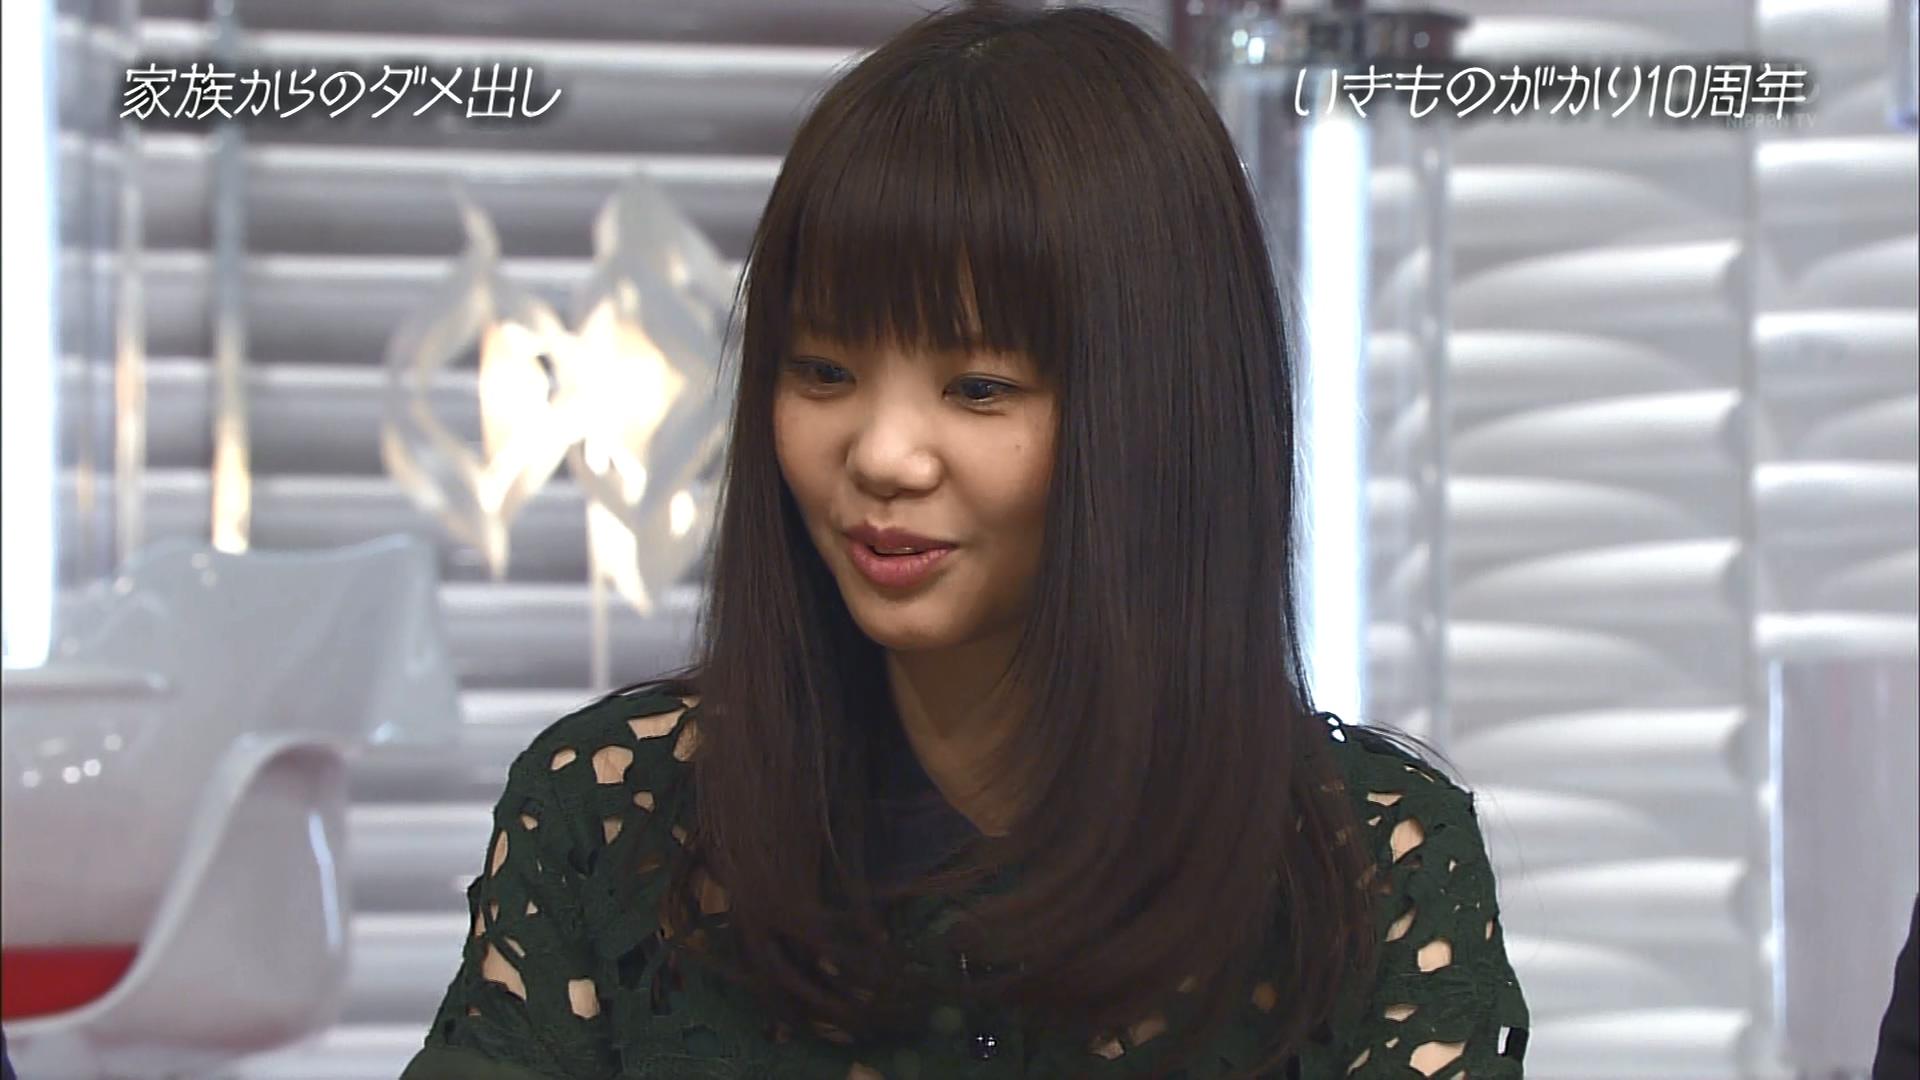 2016.03.13 全場(おしゃれイズム).ts_20160313_233424.194